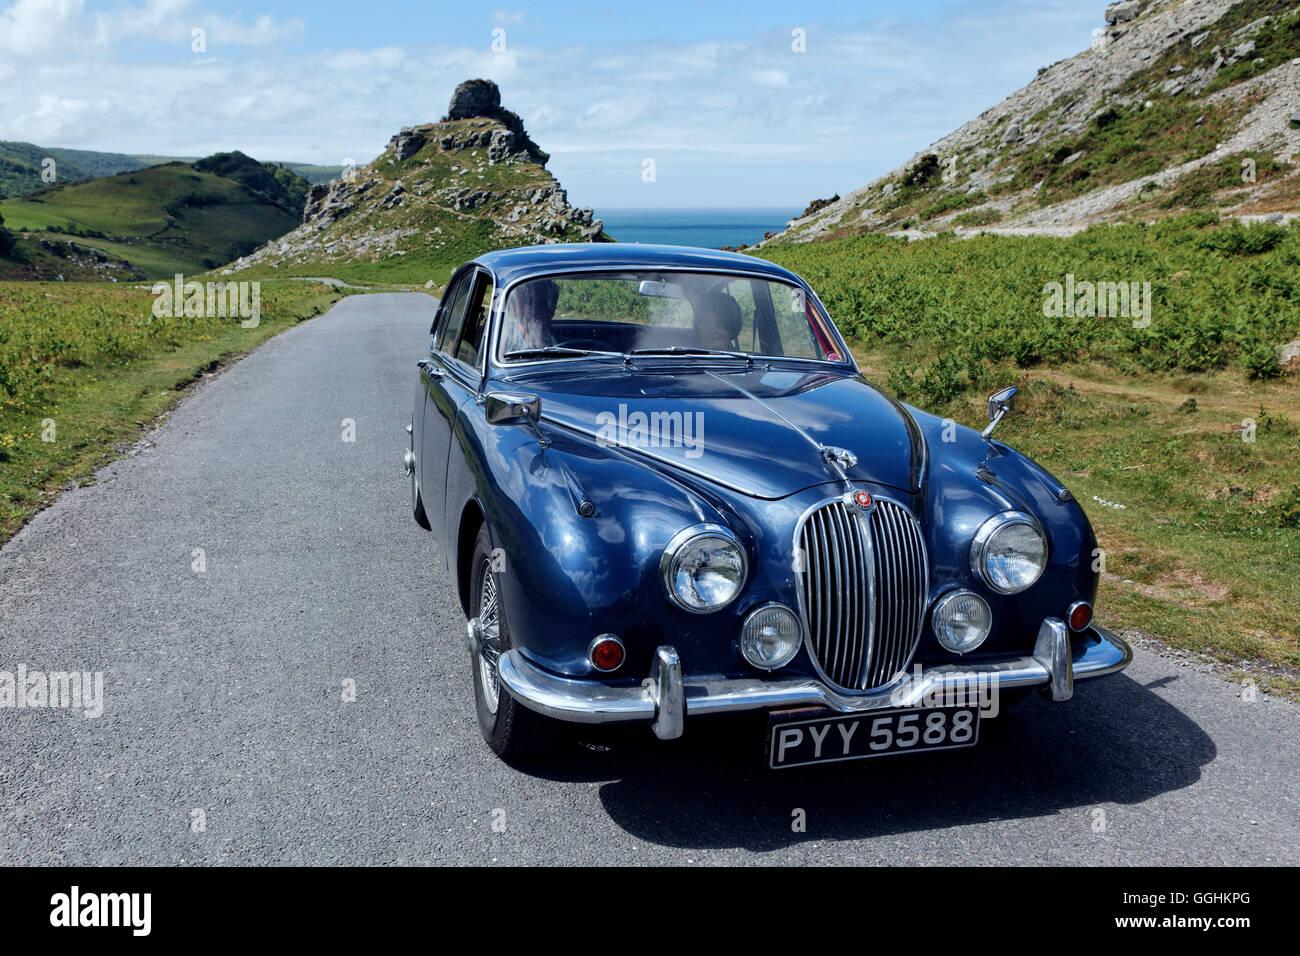 Jaguar Oldtimer auf dem Weg vom Tal der Felsen in der Nähe von Lynton, Devon, England, Großbritannien Stockbild